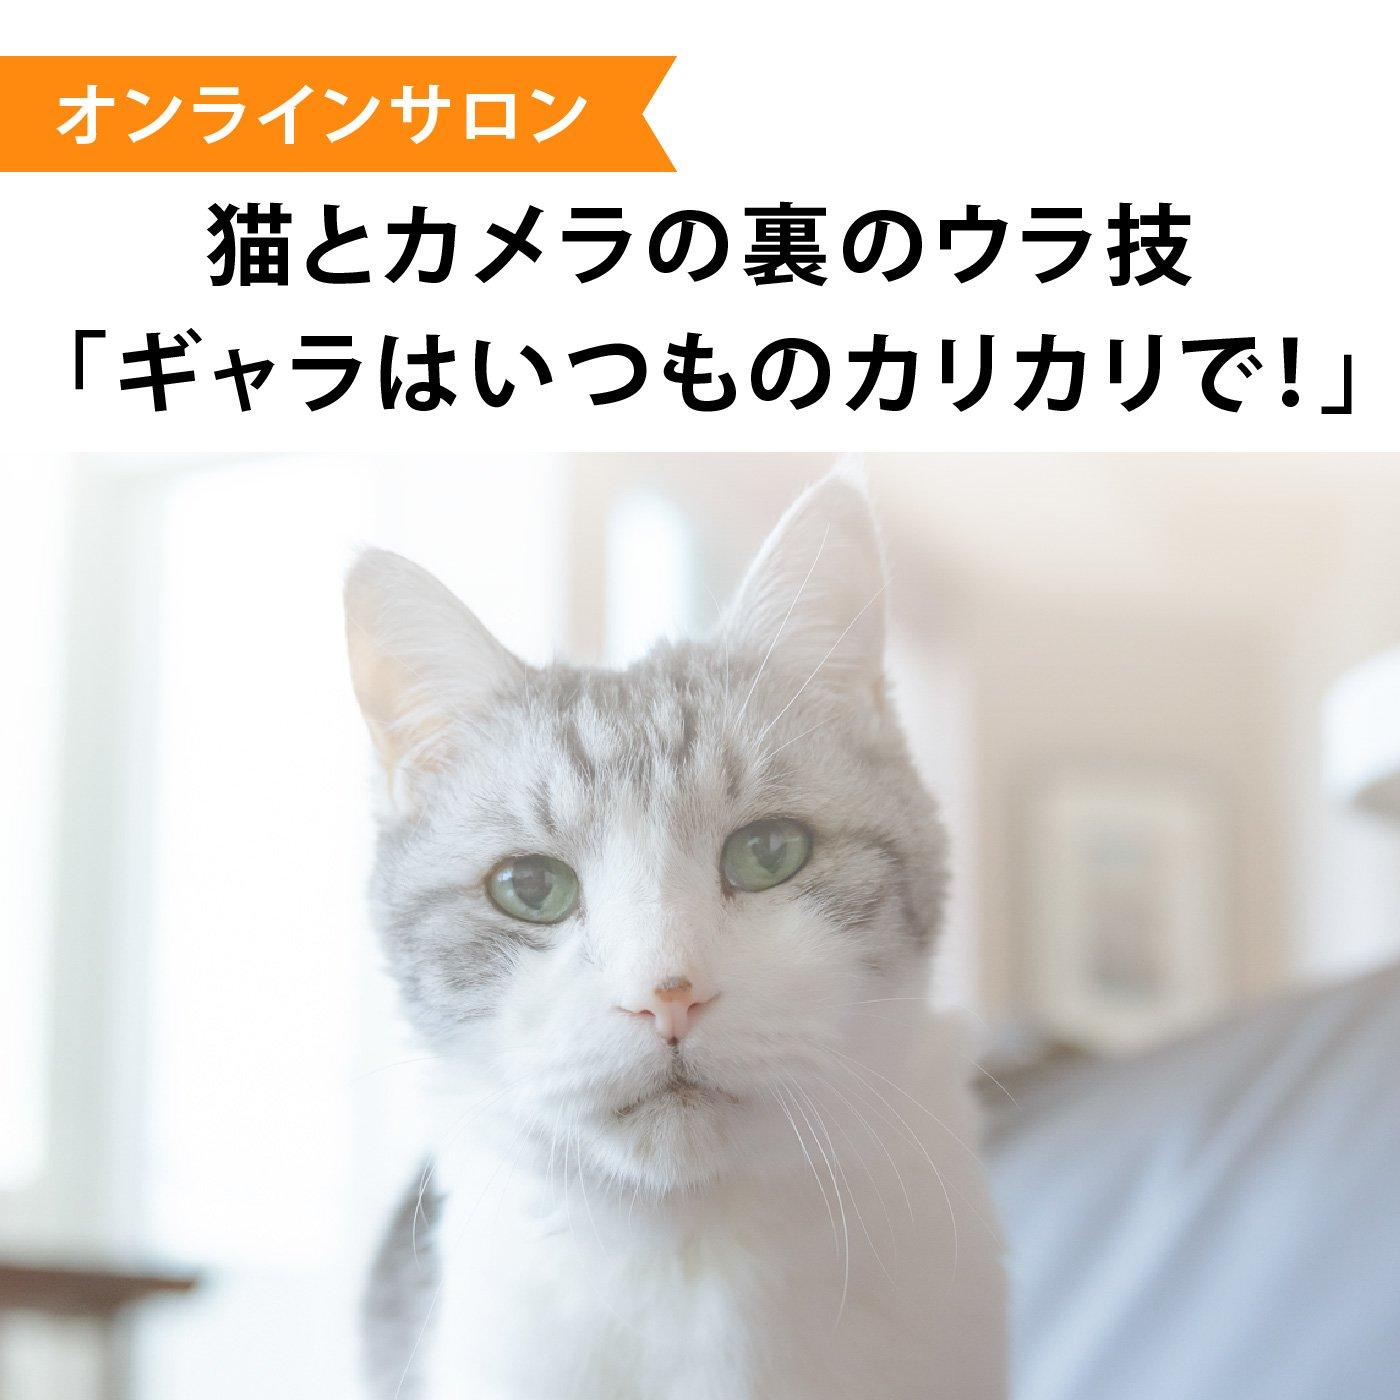 《お申し込み締め切り:2021年1月分まで》【オンラインサロン】猫とカメラの裏のウラ技 「ギャラはいつものカリカリで!」